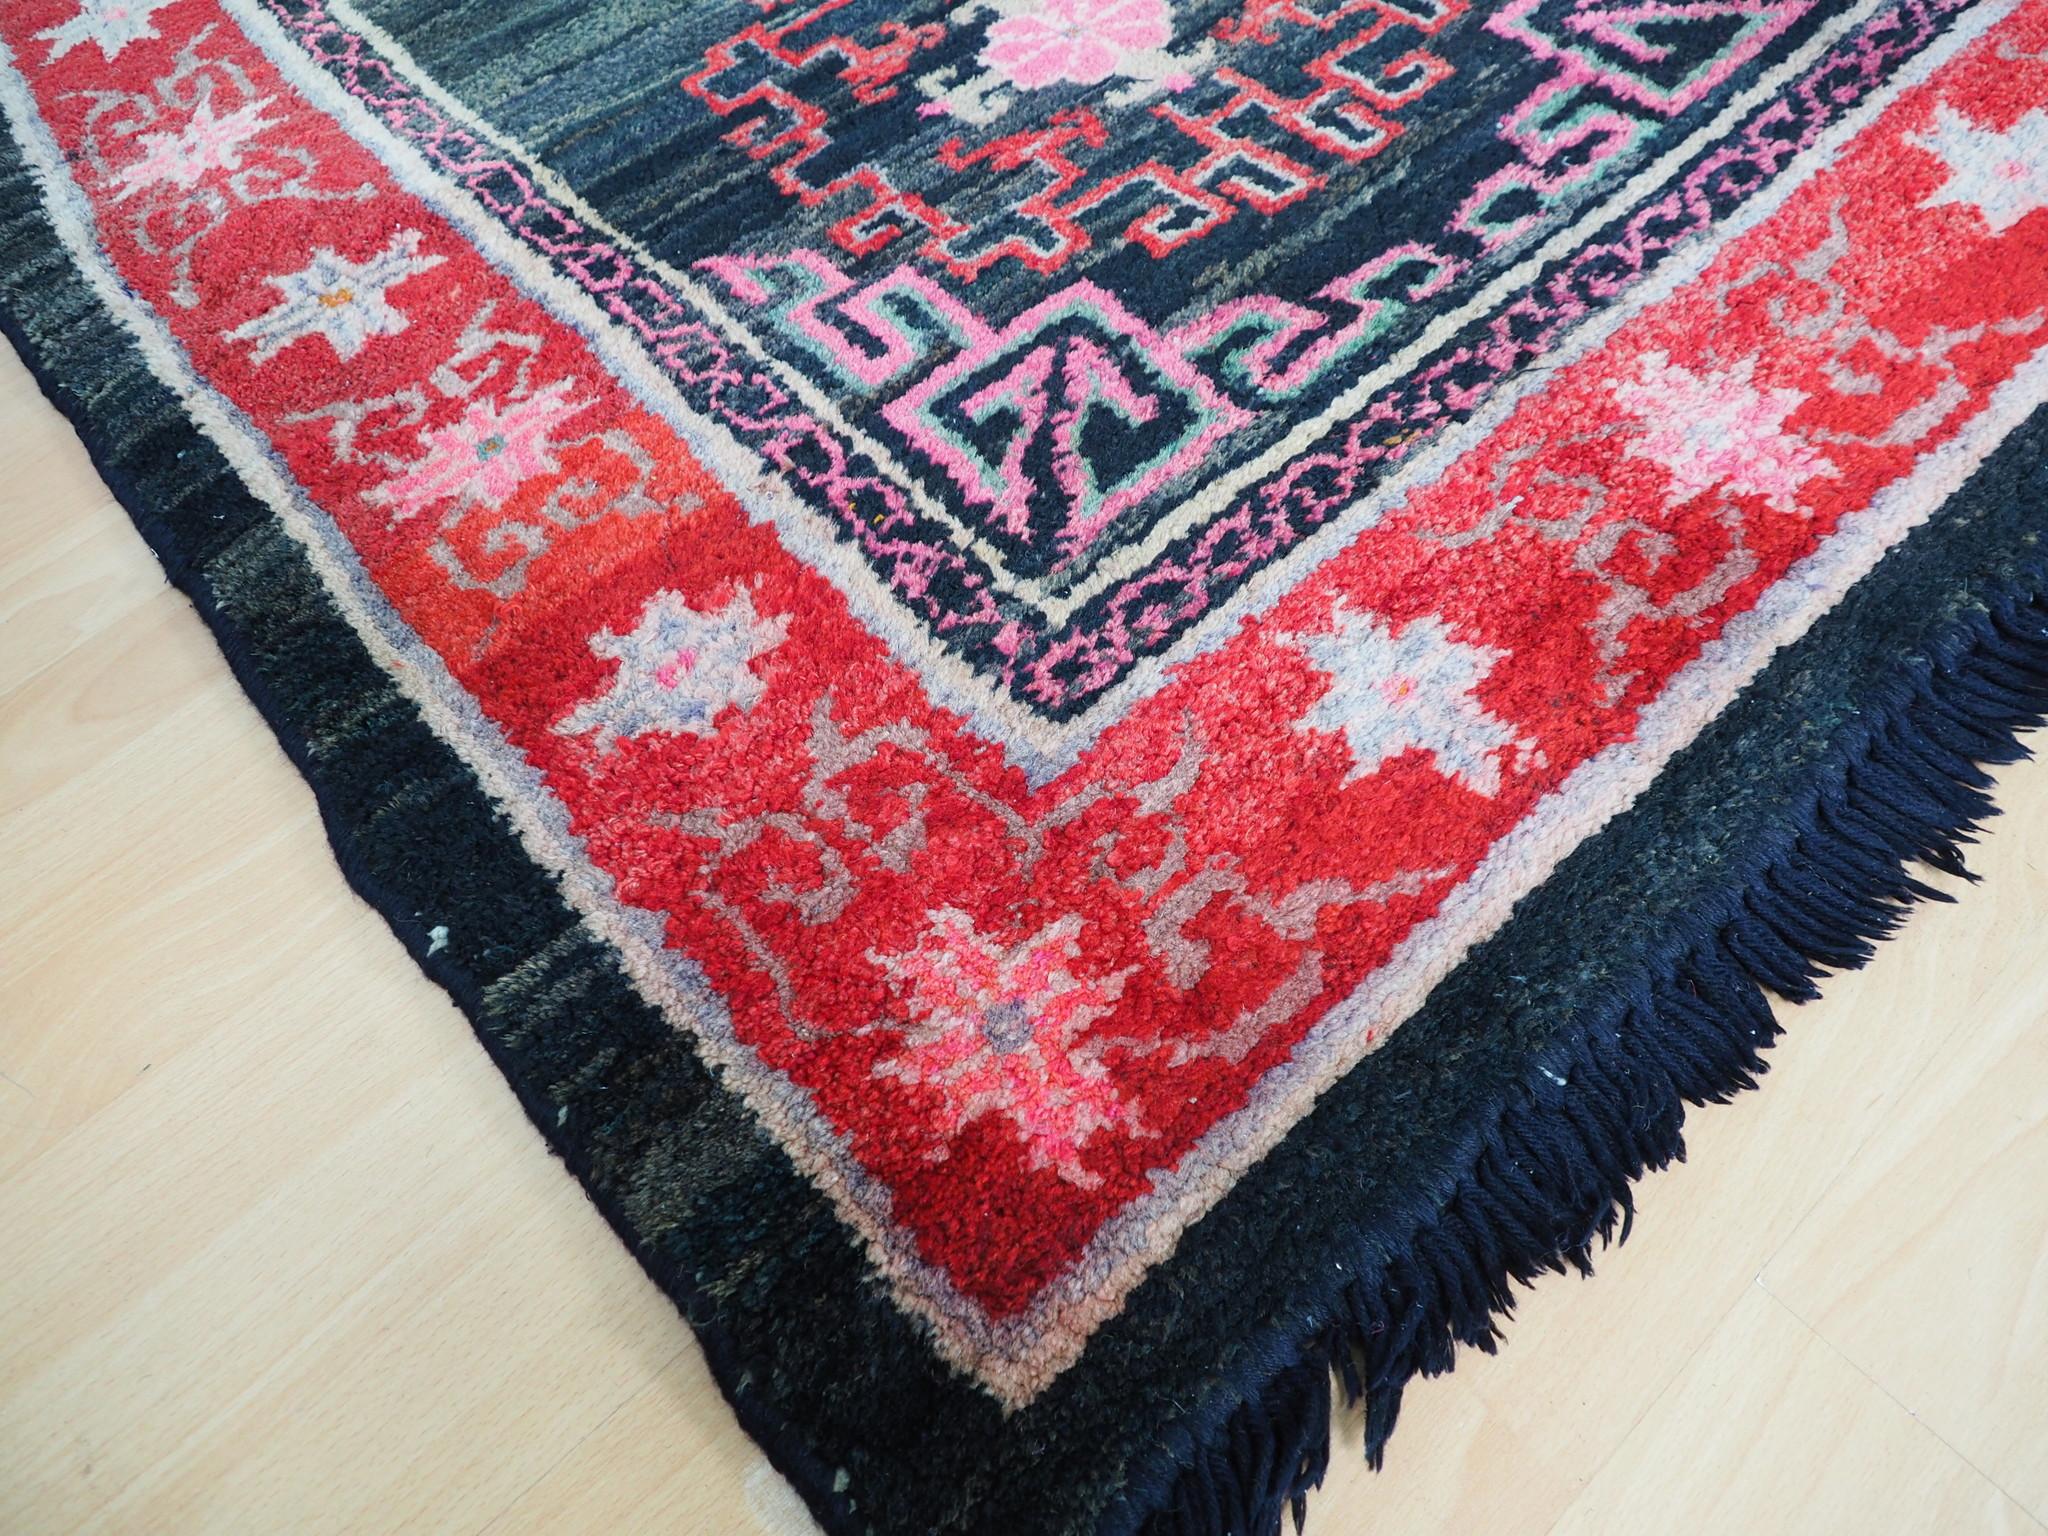 antik Tibetischer Khaden Yoga Meditation Dorfteppich buddhistische Klöster gebetsteppich Teppich Schlafteppich Nr.11